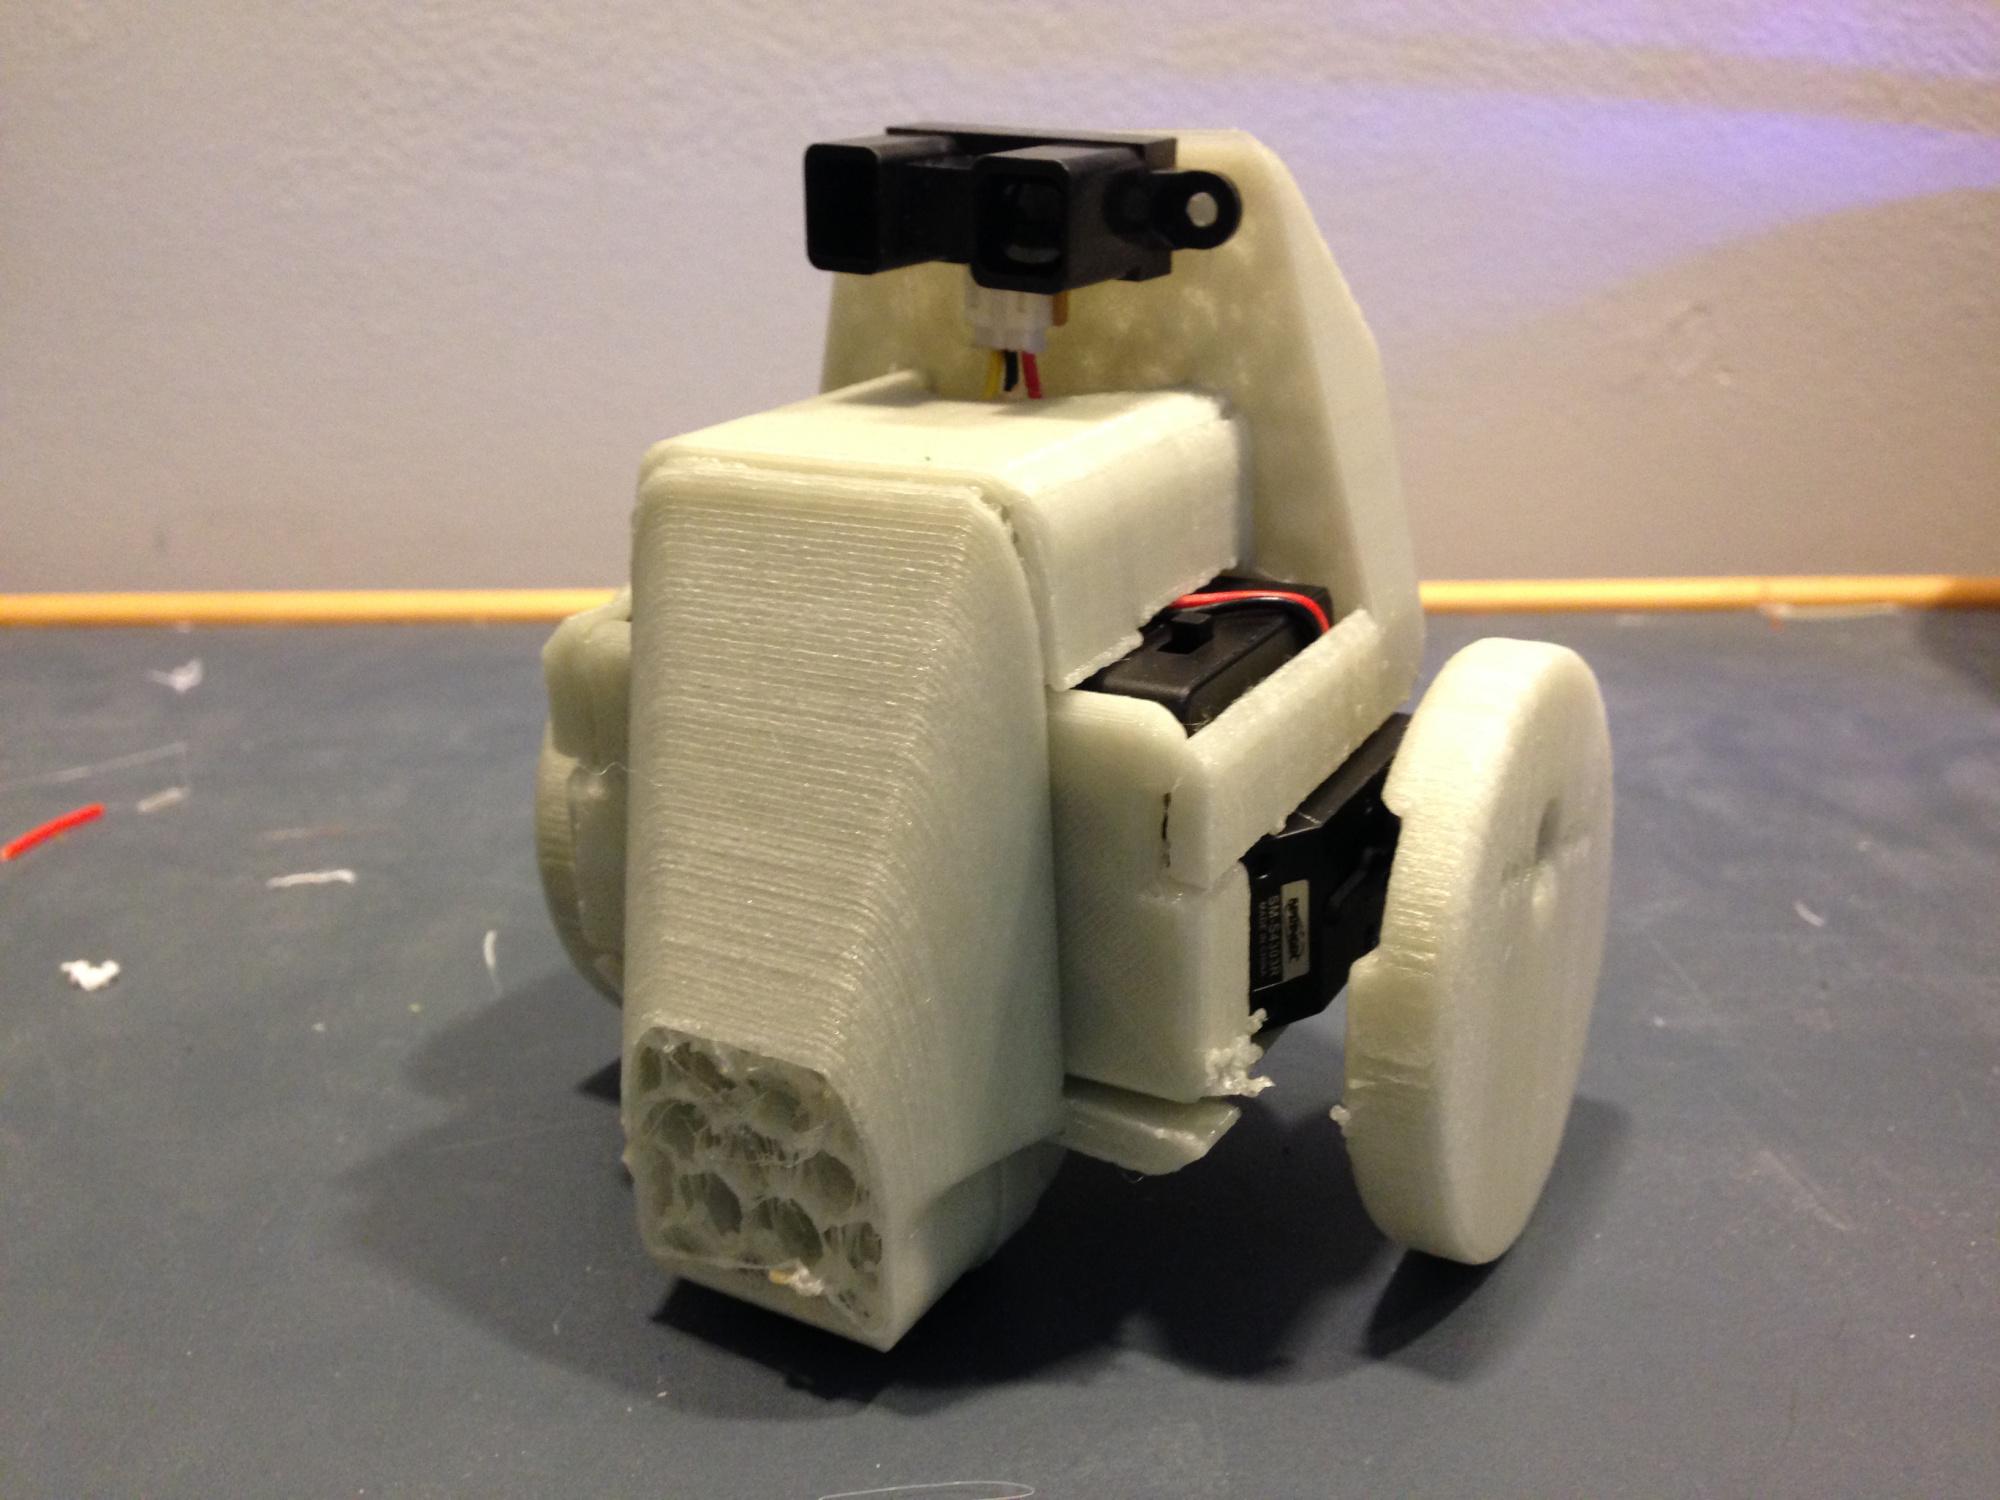 sensor und motor im 3d druck eingebaut roboter f hrt direkt aus dem 3d drucker. Black Bedroom Furniture Sets. Home Design Ideas